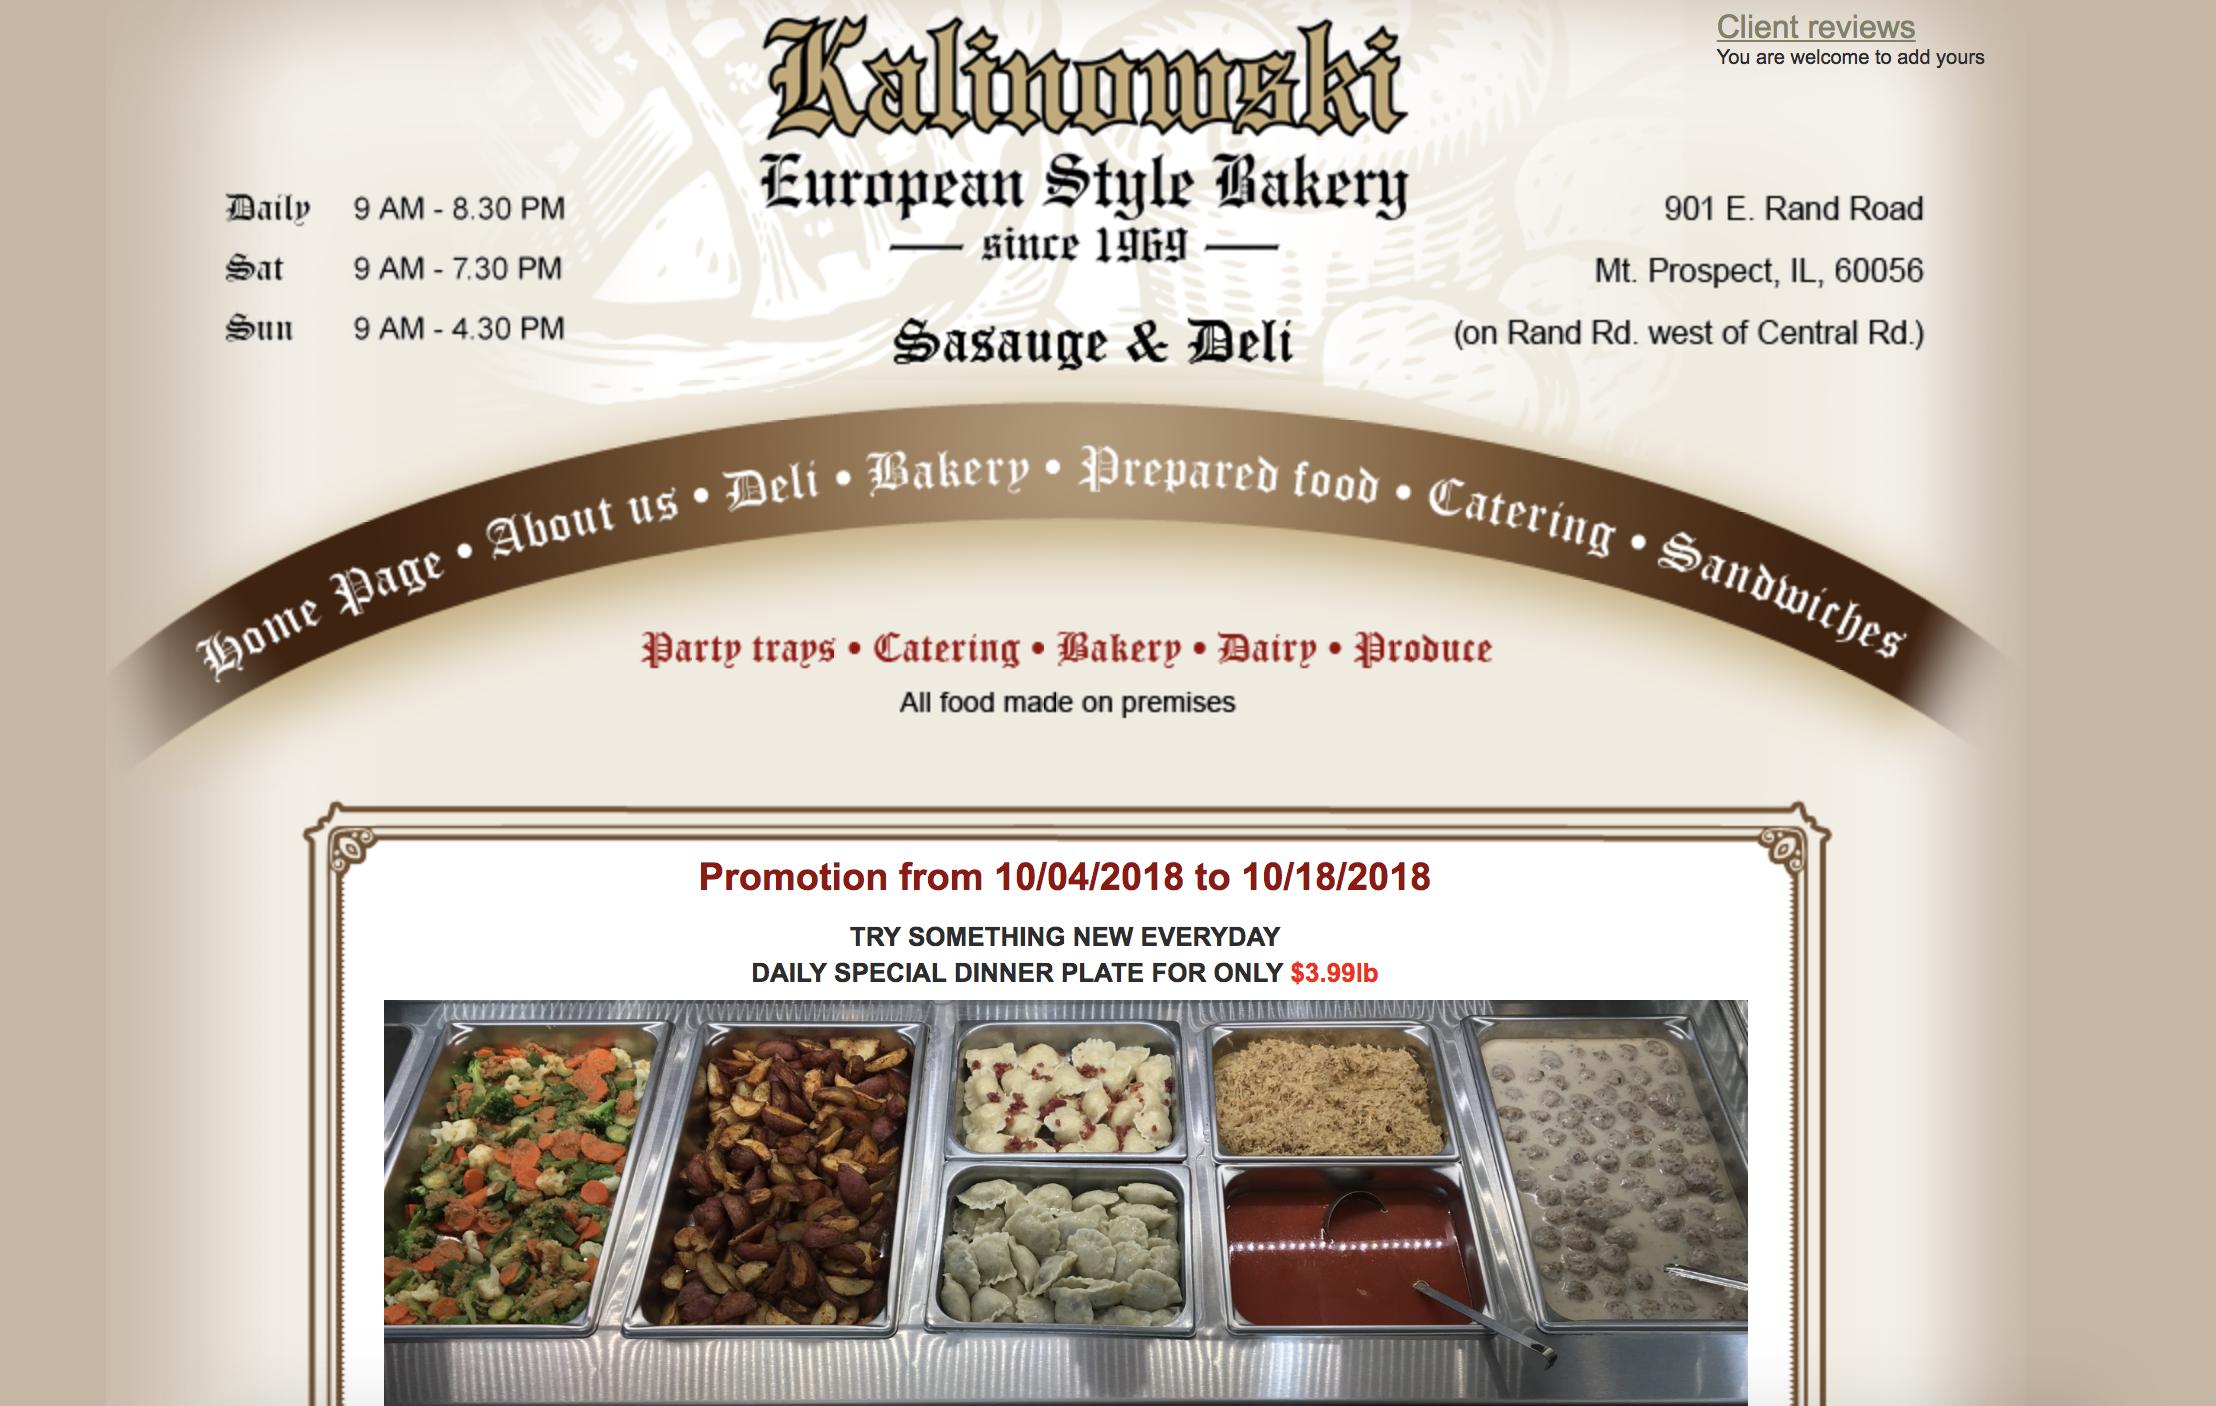 Kalinowski Deli   901 E. Rand Road, Mt. Prospect, IL 60056   847.255.5751